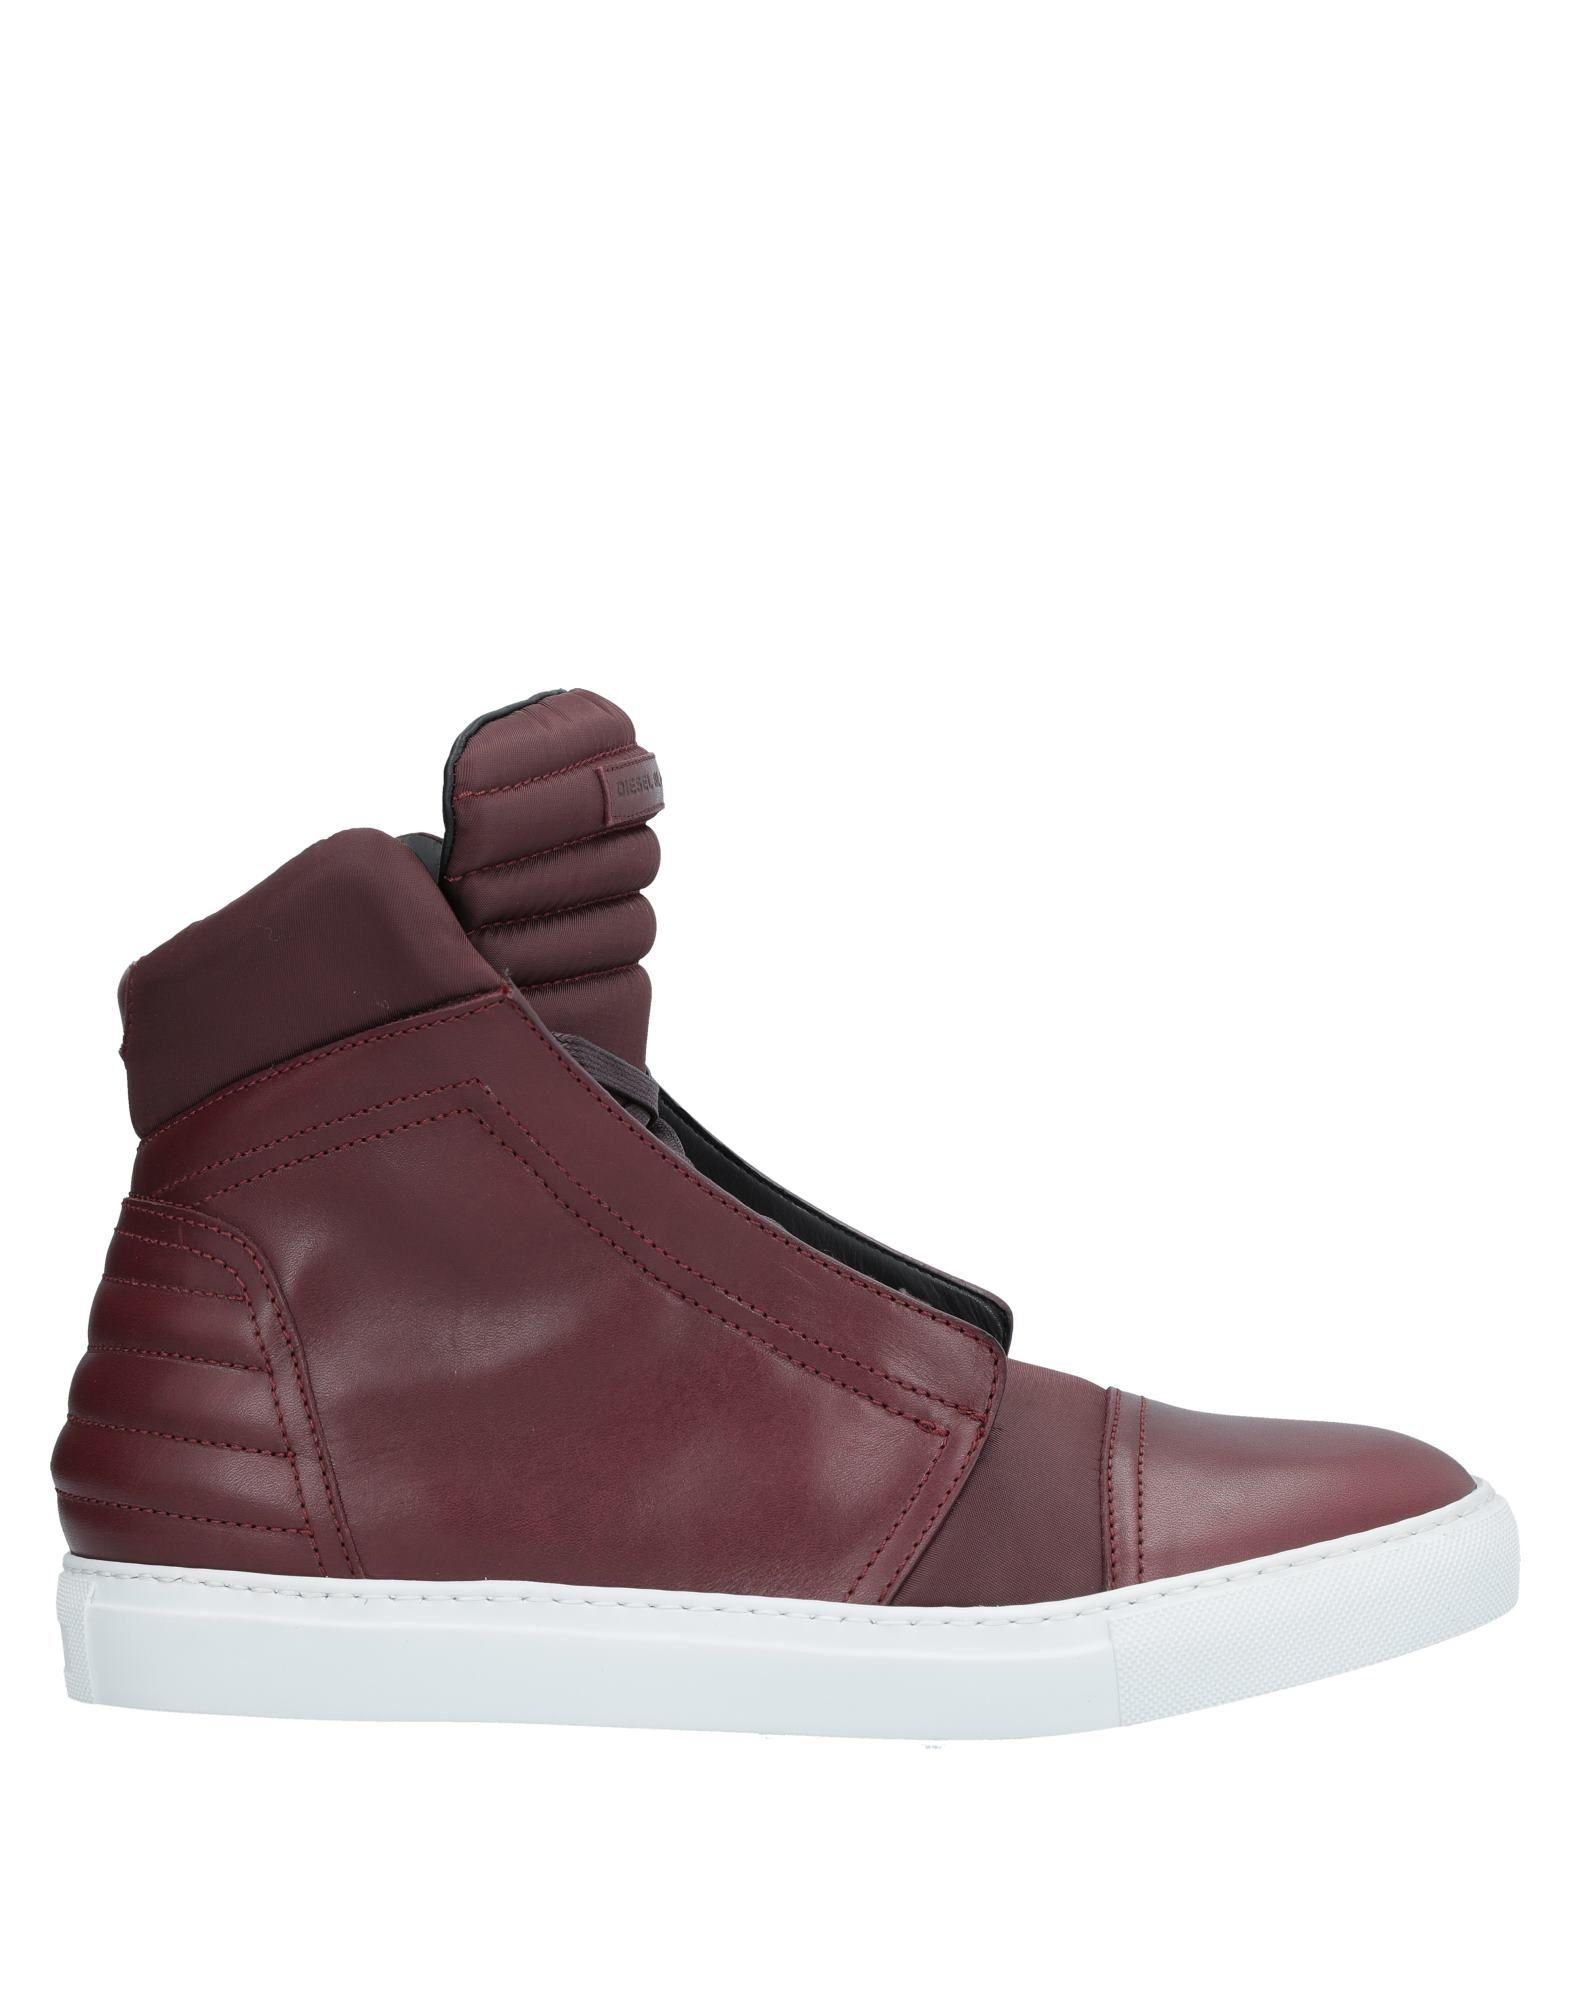 Diesel Black Gold Sneakers Herren  11532200WF Gute Qualität beliebte Schuhe